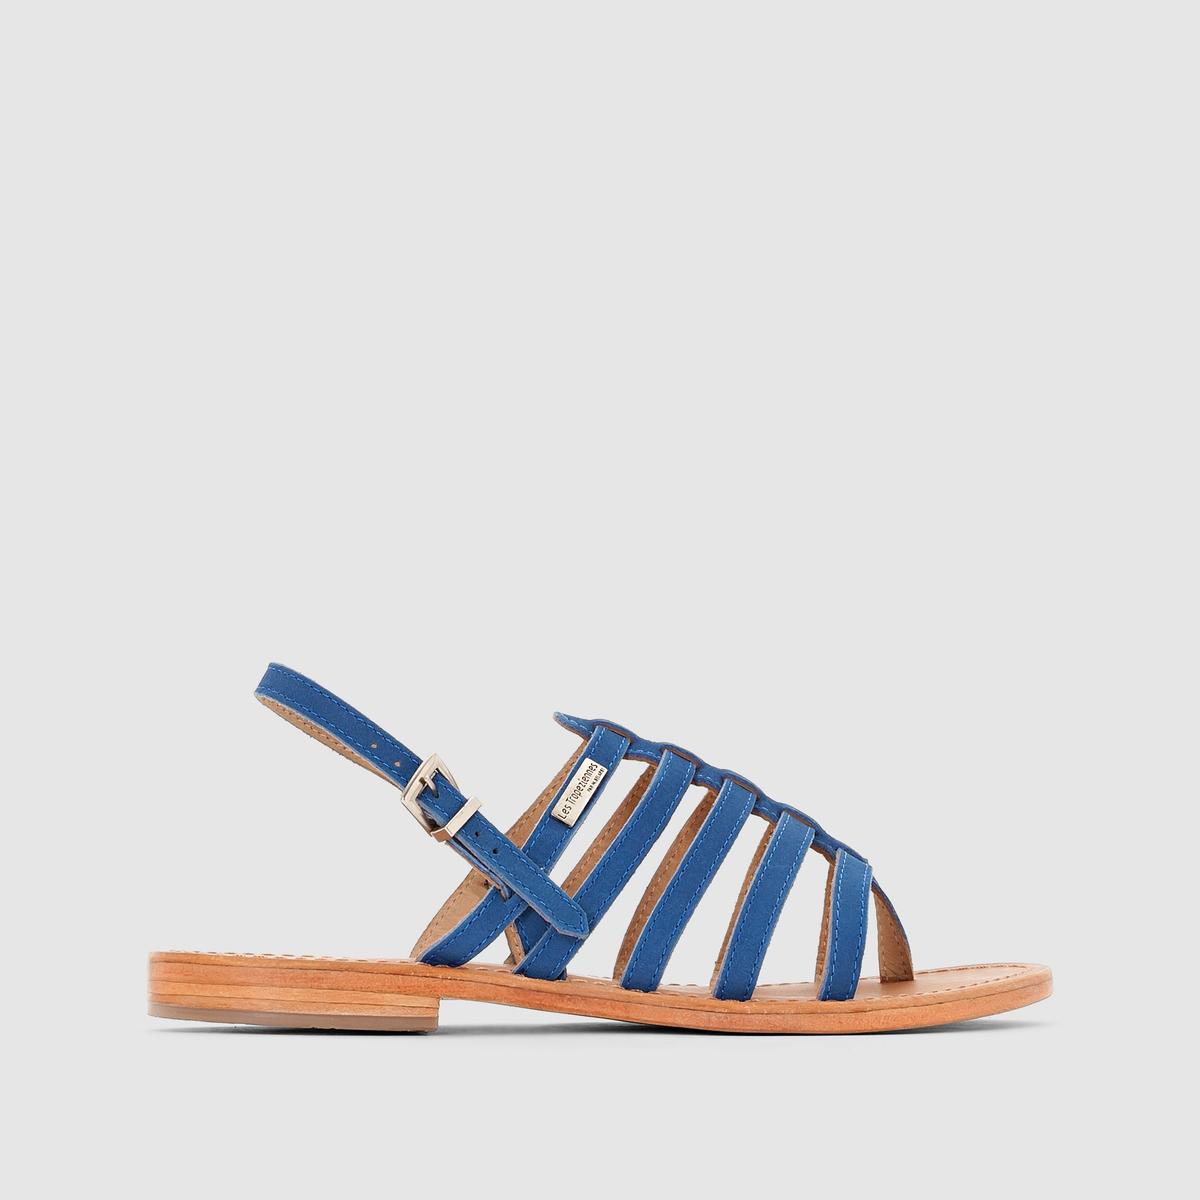 Сандалии Hook, с перемычкой между пальцами, из множества ремешков, кожаныеЛаконичные и по-настоящему женственные, они деликатно обхватывают ногу благодаря многочисленным ремешкам и перемычке между пальцами - в духе обуви Древней Спарты... Восхитительны в ансамблях с шортами и короткими платьями...<br><br>Цвет: синий королевский<br>Размер: 37